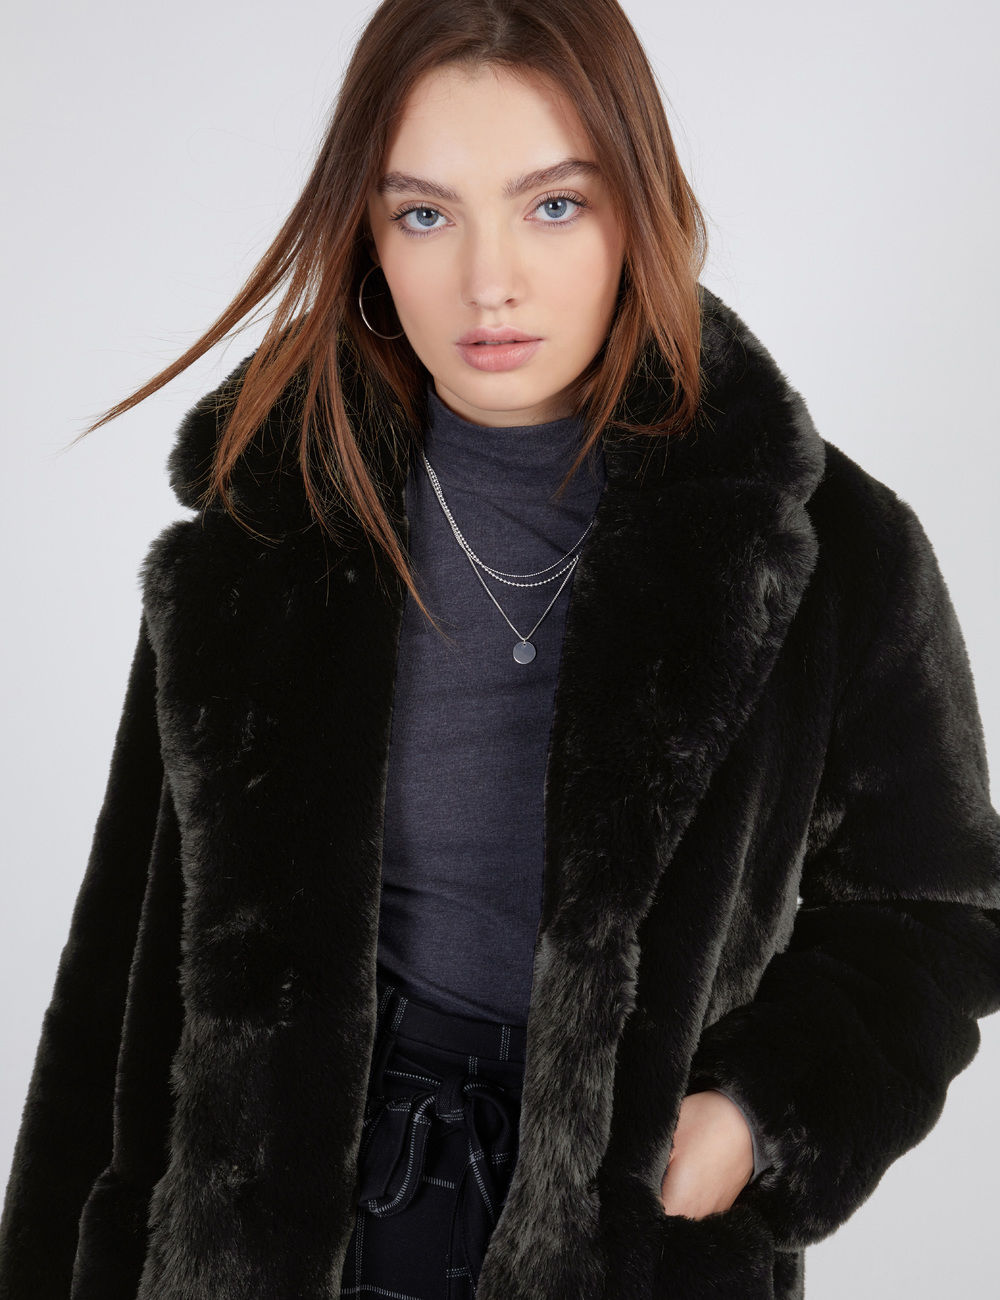 manteau long fausse fourrure noir Jennyfer prix 59,99 €